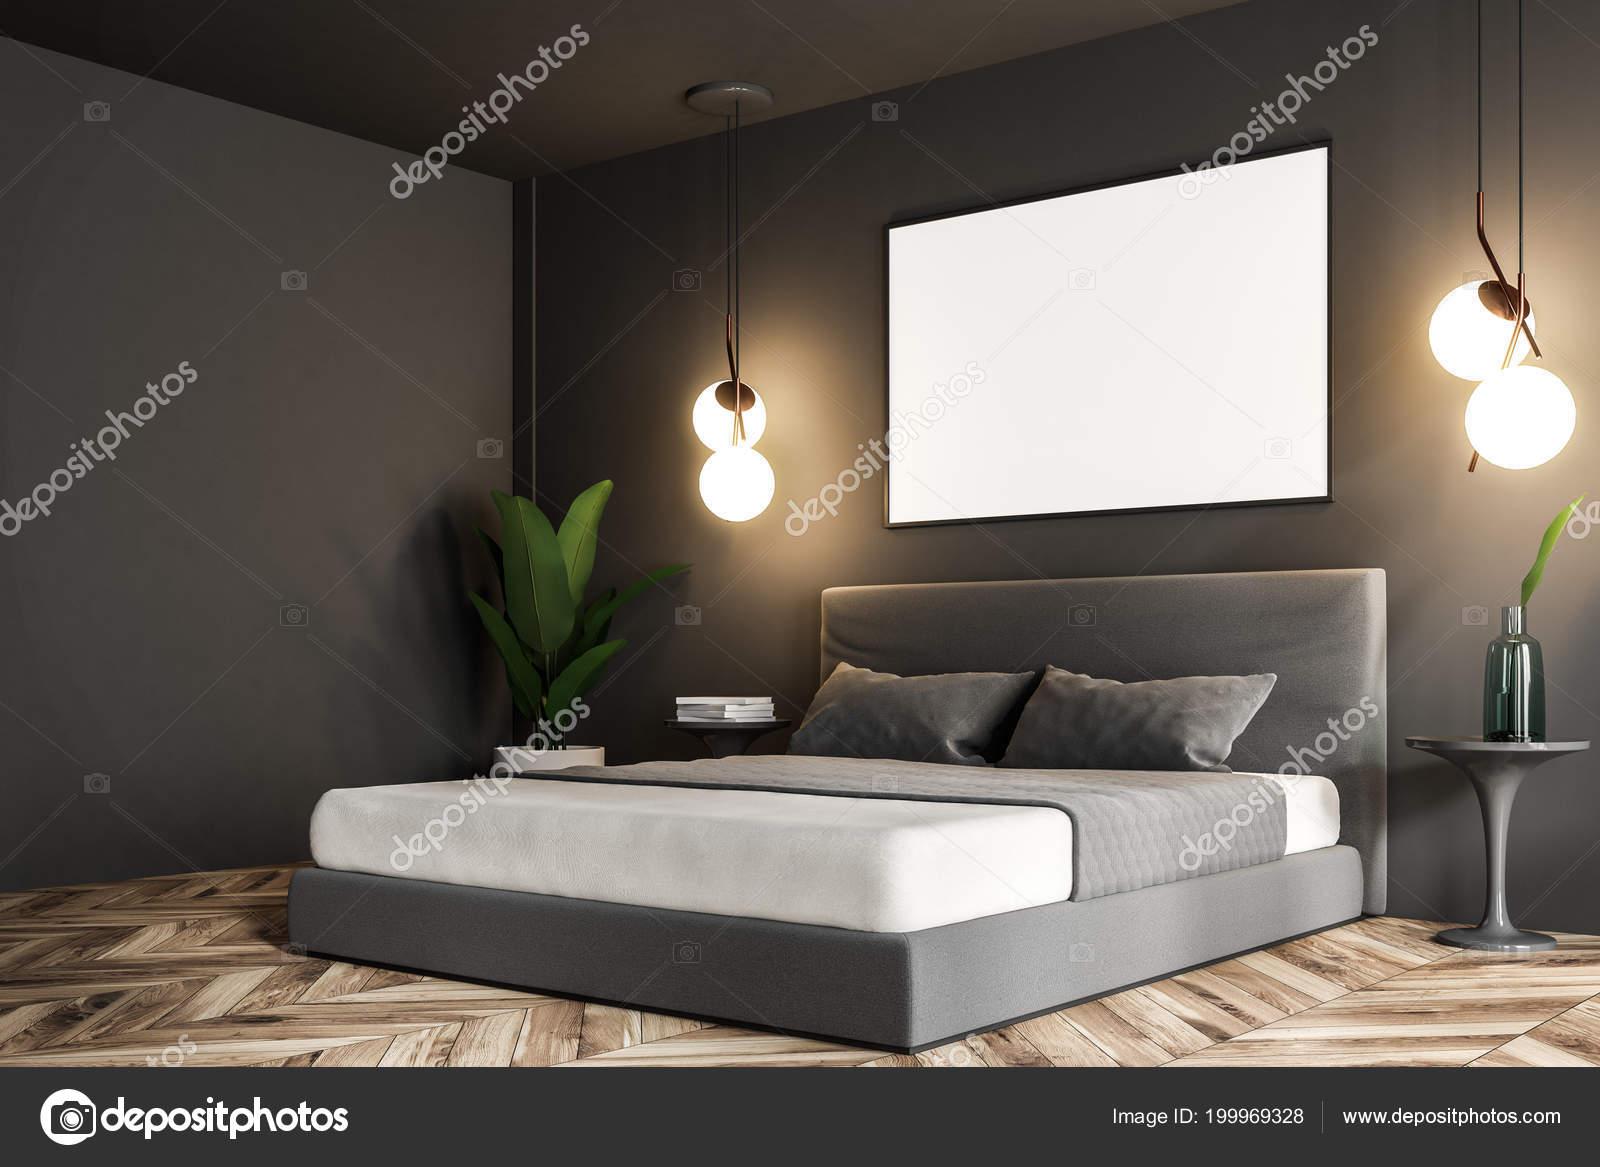 Dunkler Fußboden Schlafzimmer ~ Seitenansicht eines schlafzimmer interieurs mit dunklen grauen